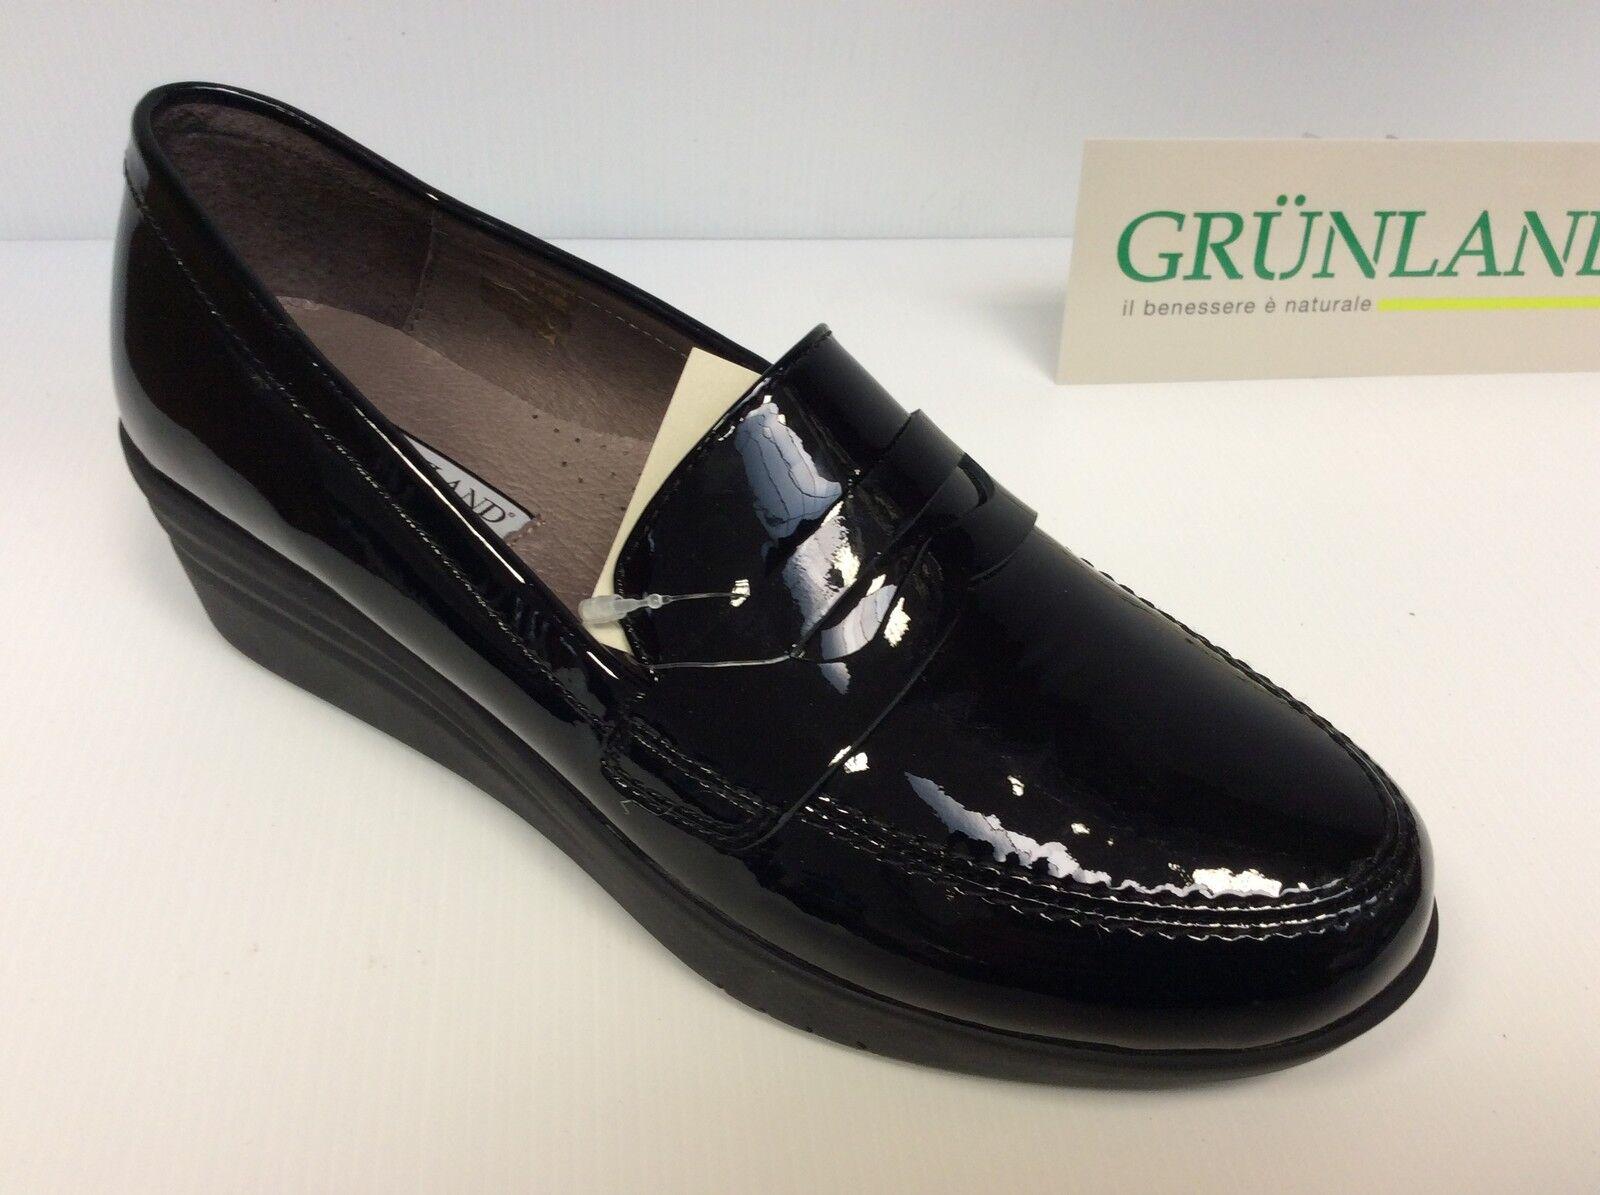 Grunland chaussure Vati art SC2361 con negro negro negro hizammohemed cómoda aut inv  70% de descuento